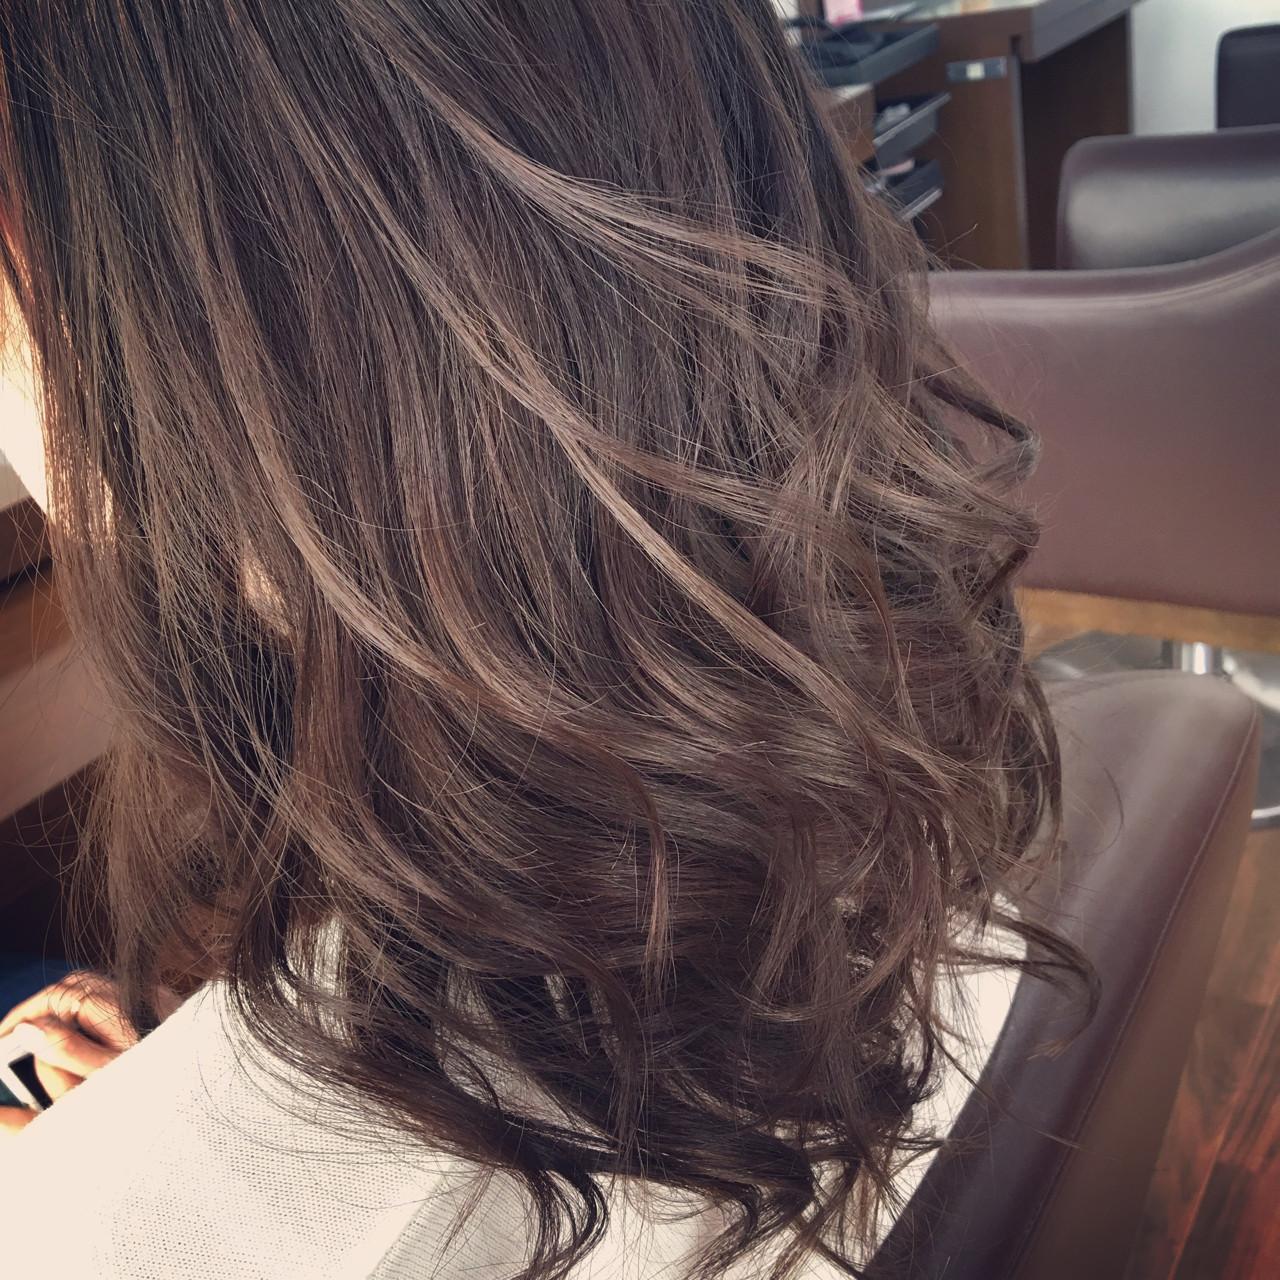 セミロング ストリート 暗髪 アッシュ ヘアスタイルや髪型の写真・画像